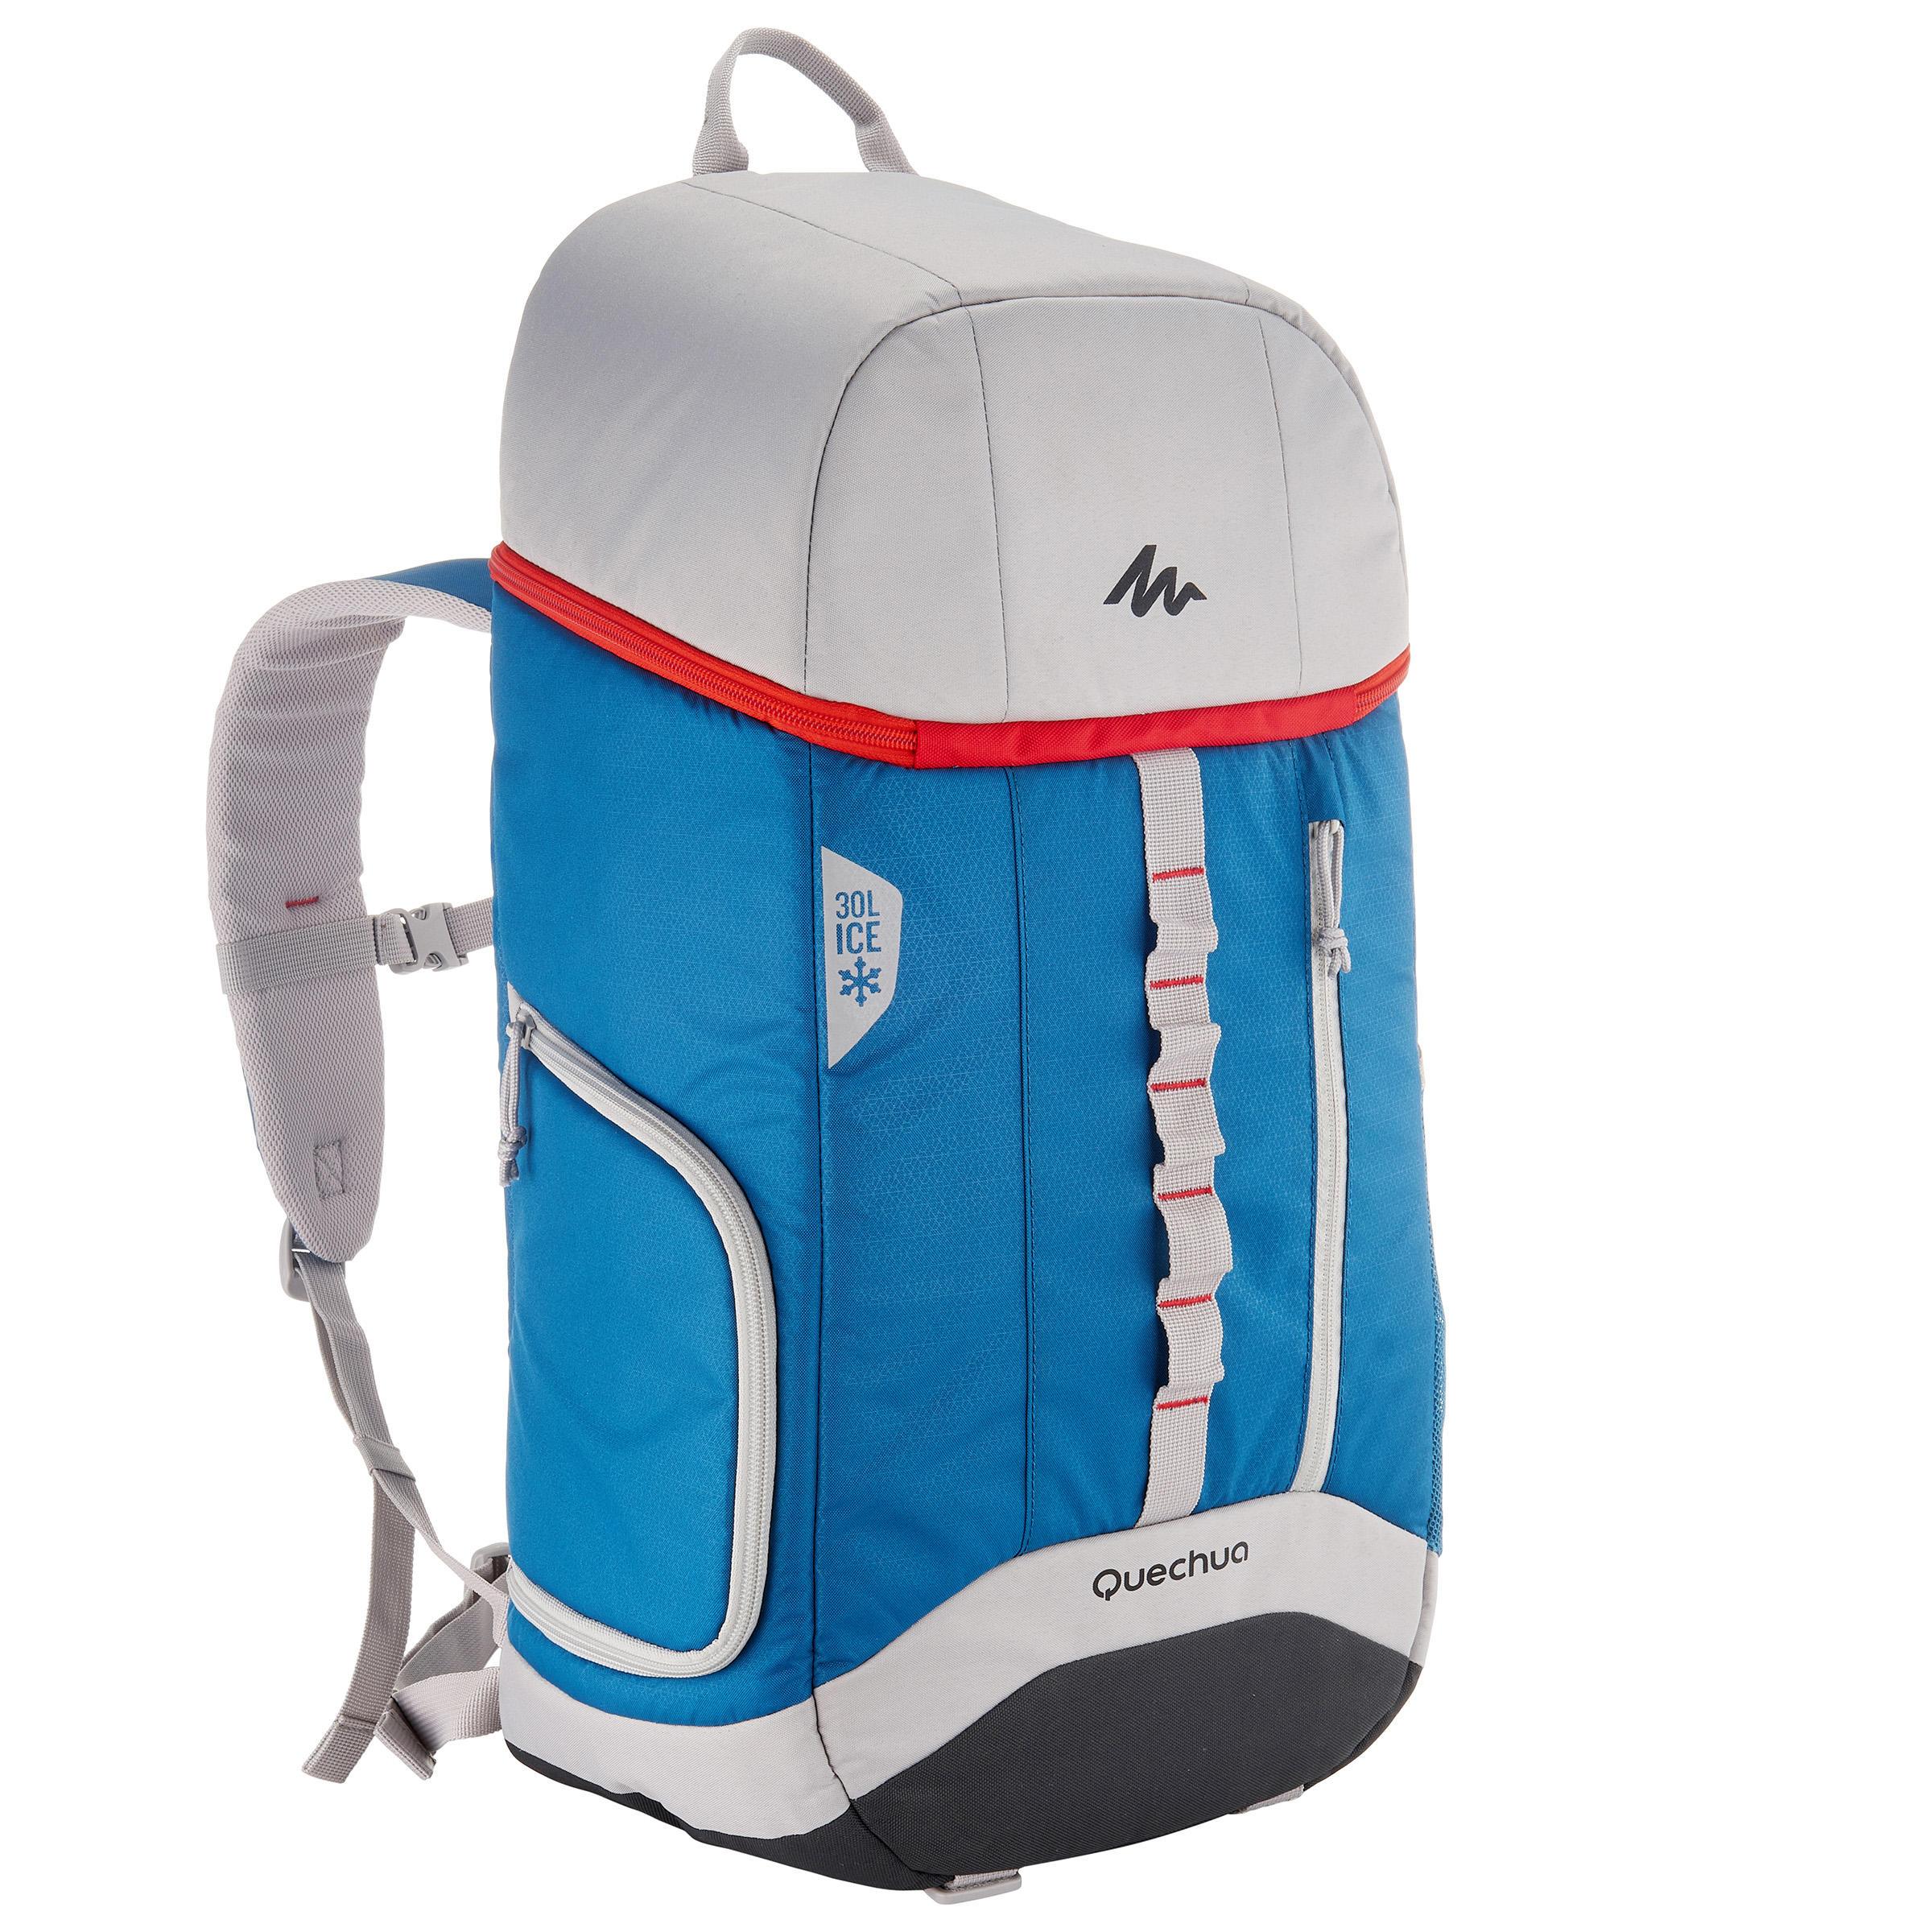 Quechua Koelrugzak voor trekking Forclaz 30 liter blauw